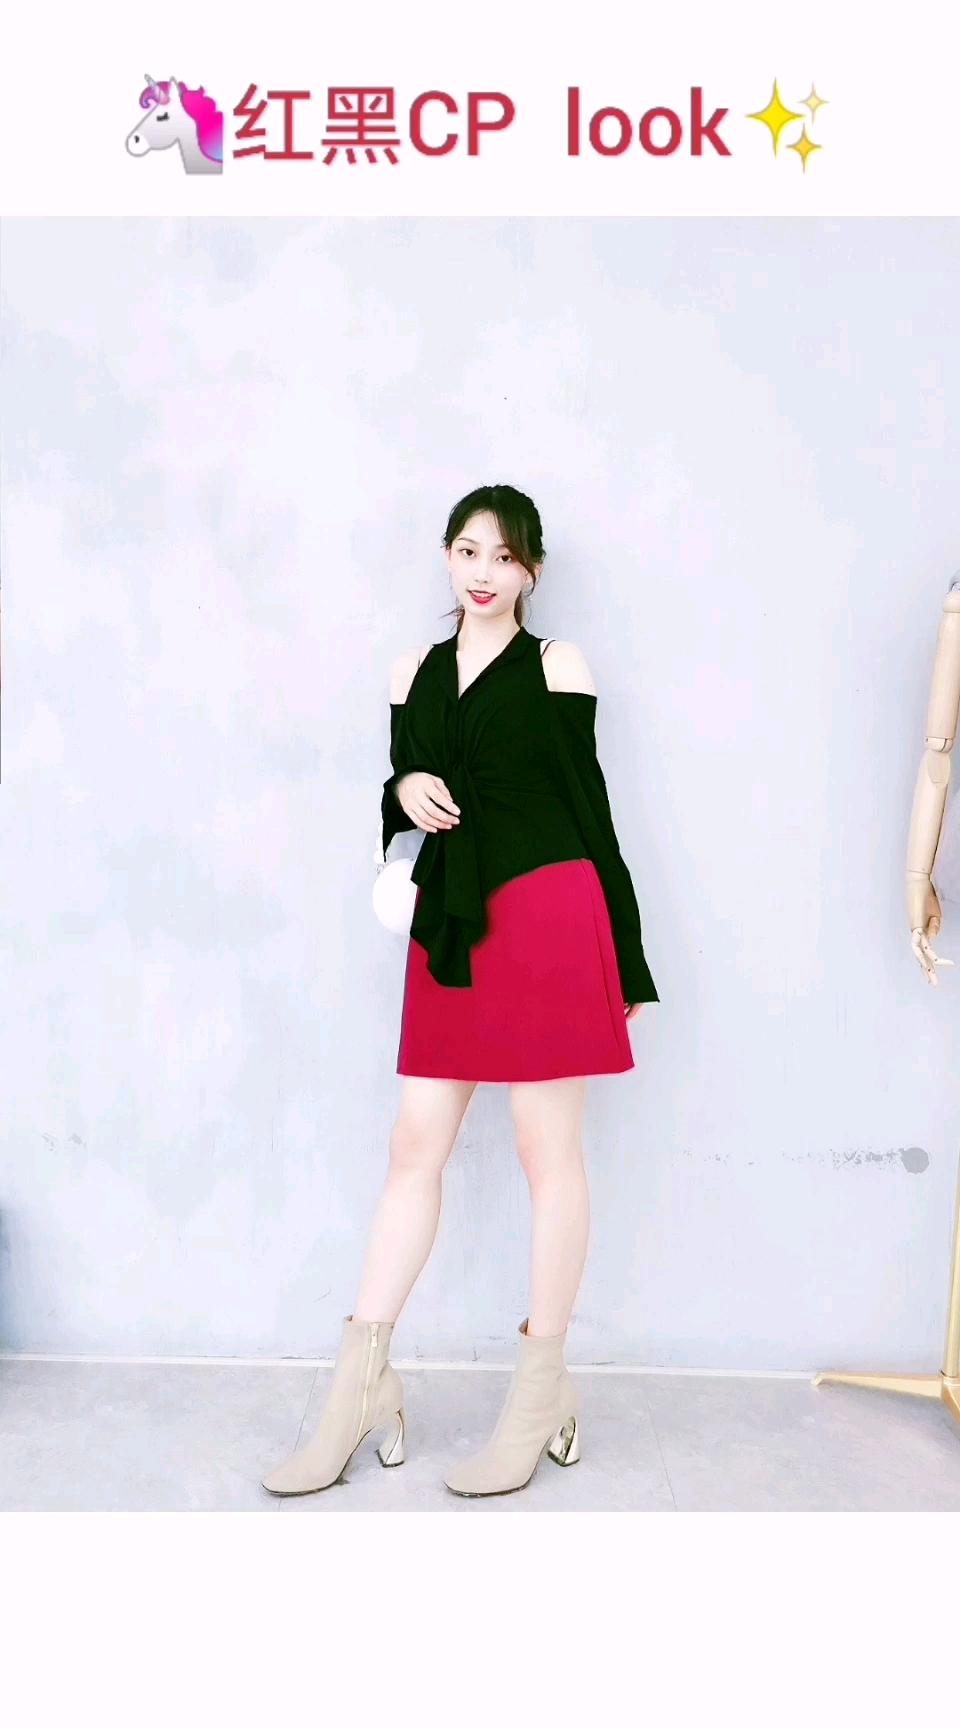 #网红绝美小裙几,谁顶得住啊# 🌟露肩衬衫:VOCK   💰159 🌟吊带裙:H&M 🌟包包:kitayama  🌟鞋子:ZARA